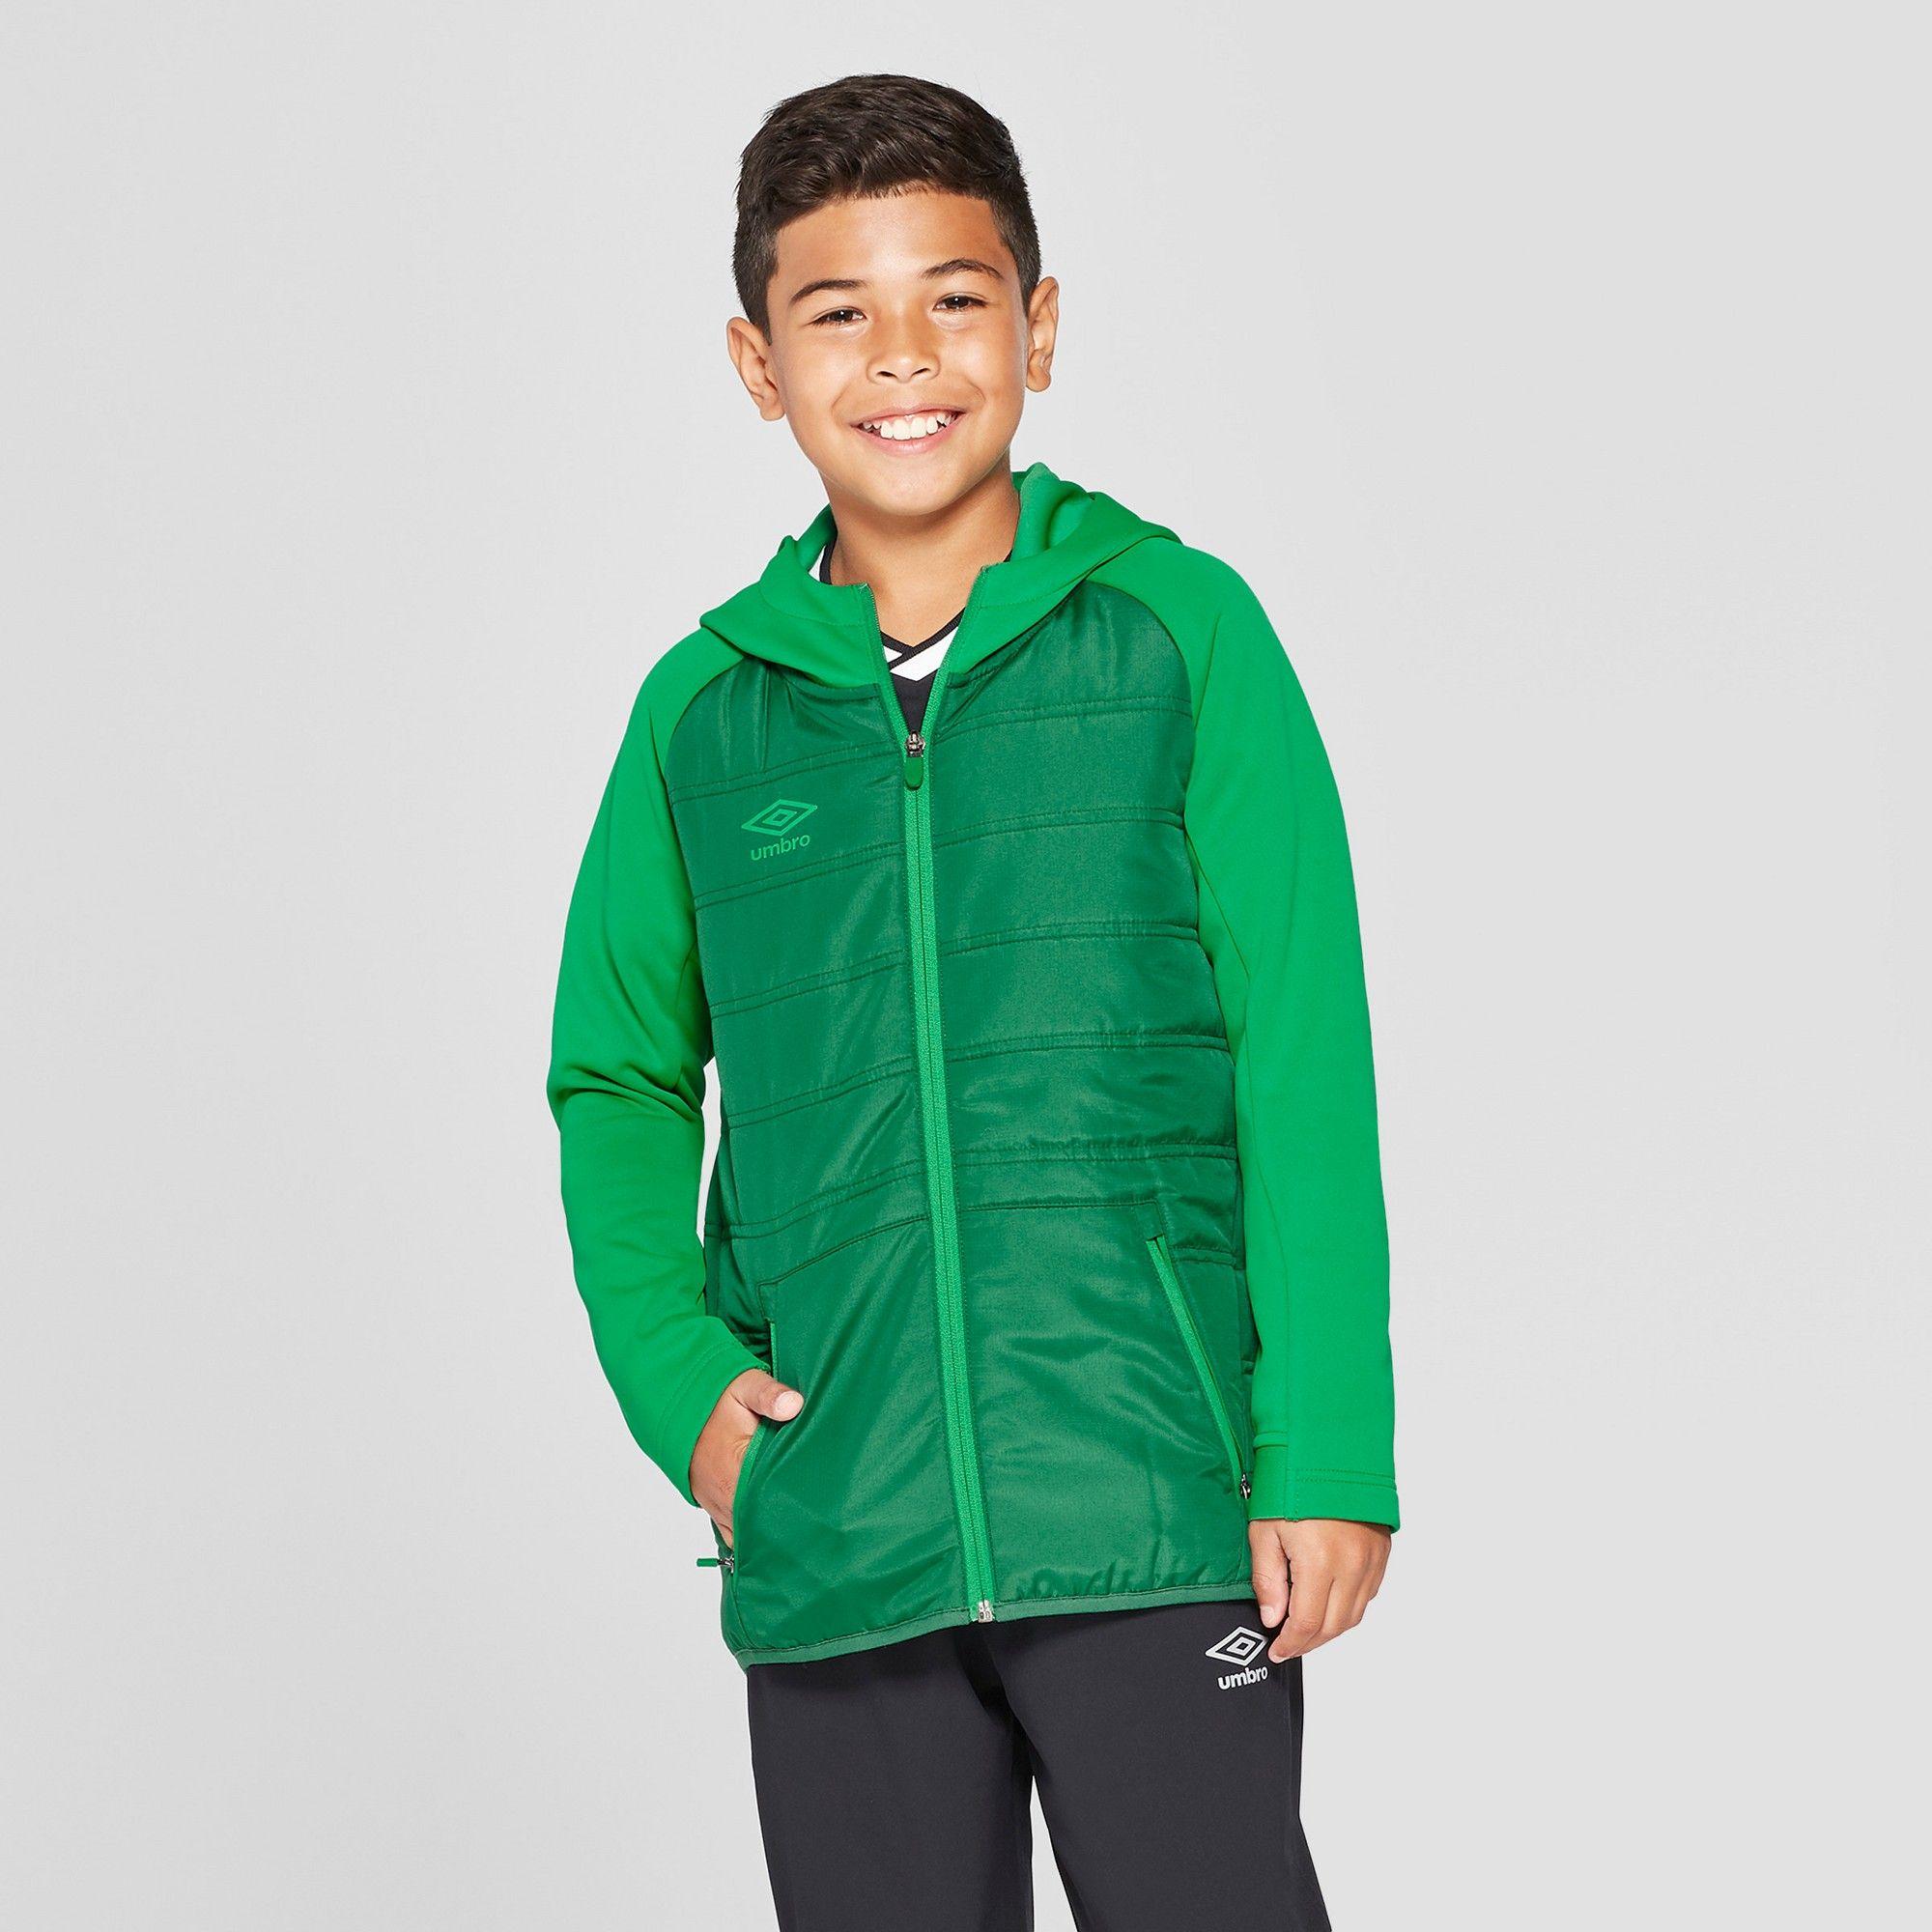 Umbro Boys' Insulated Full Zip Fleece Jacket Green XS